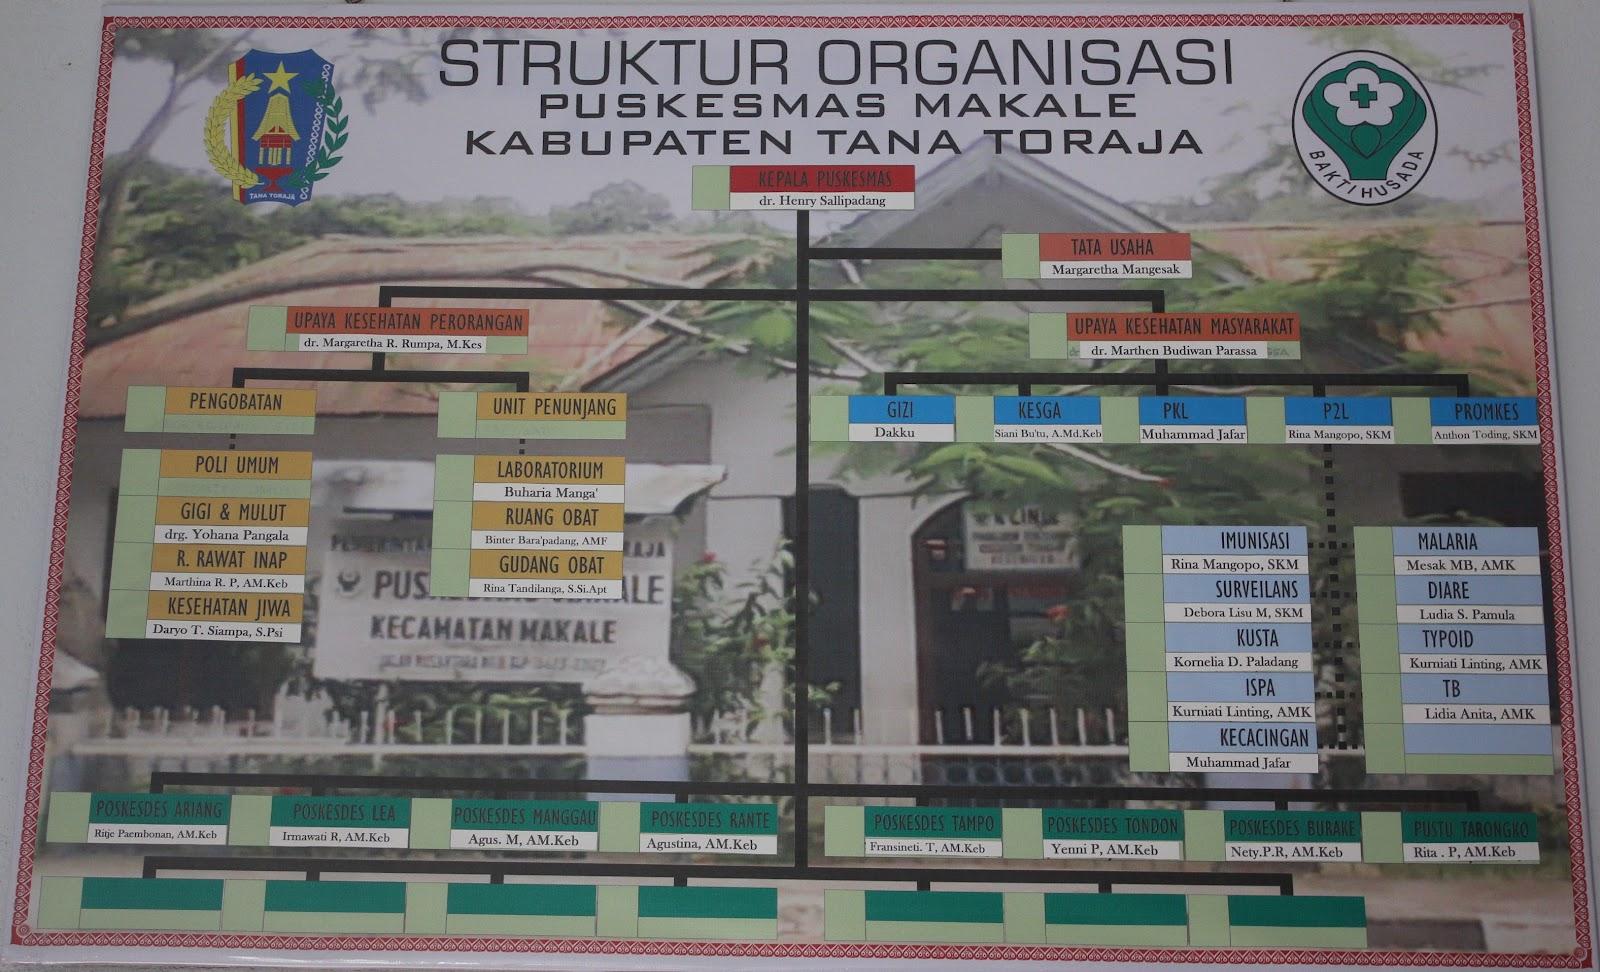 Struktur Organisasi Puskesmas Struktur Organisasi Puskesmas Scribd Profil Puskesmas Makale Puskesmas Makale